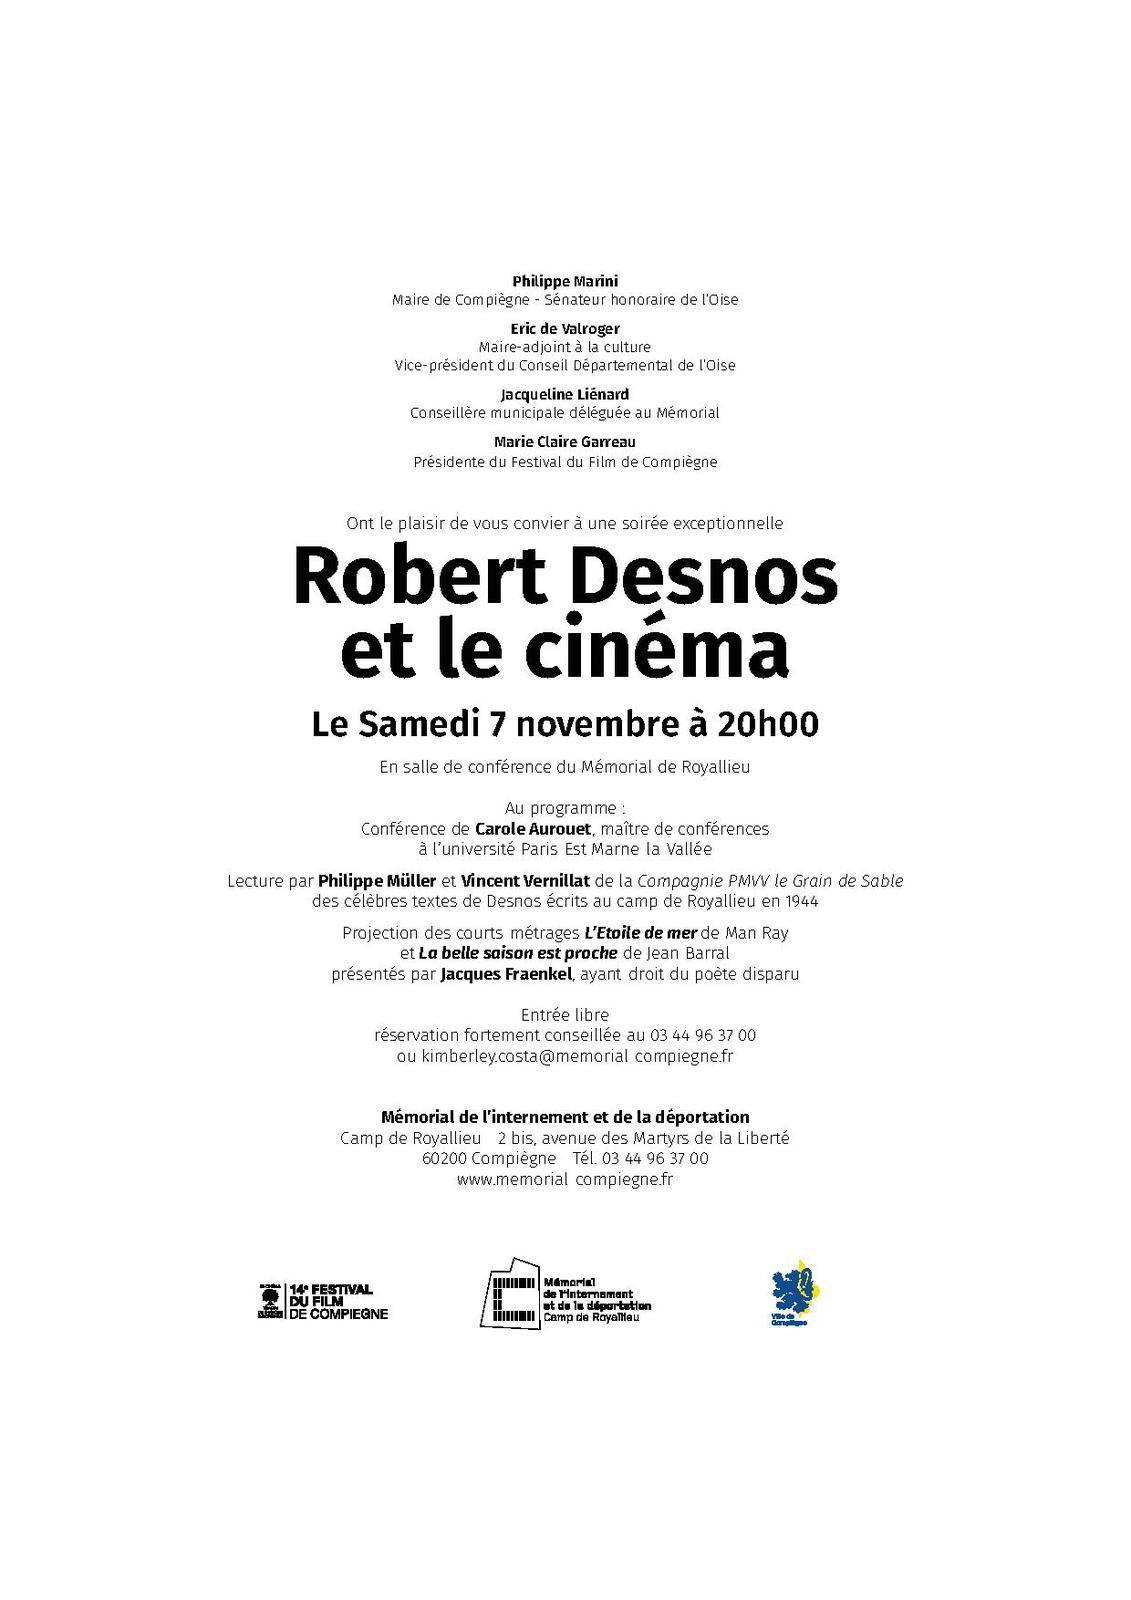 Soirée &quot&#x3B;Desnos et le cinéma&quot&#x3B; au Mémorial de l'Internement et de la Déportation à Compiègne samedi 7 novembre